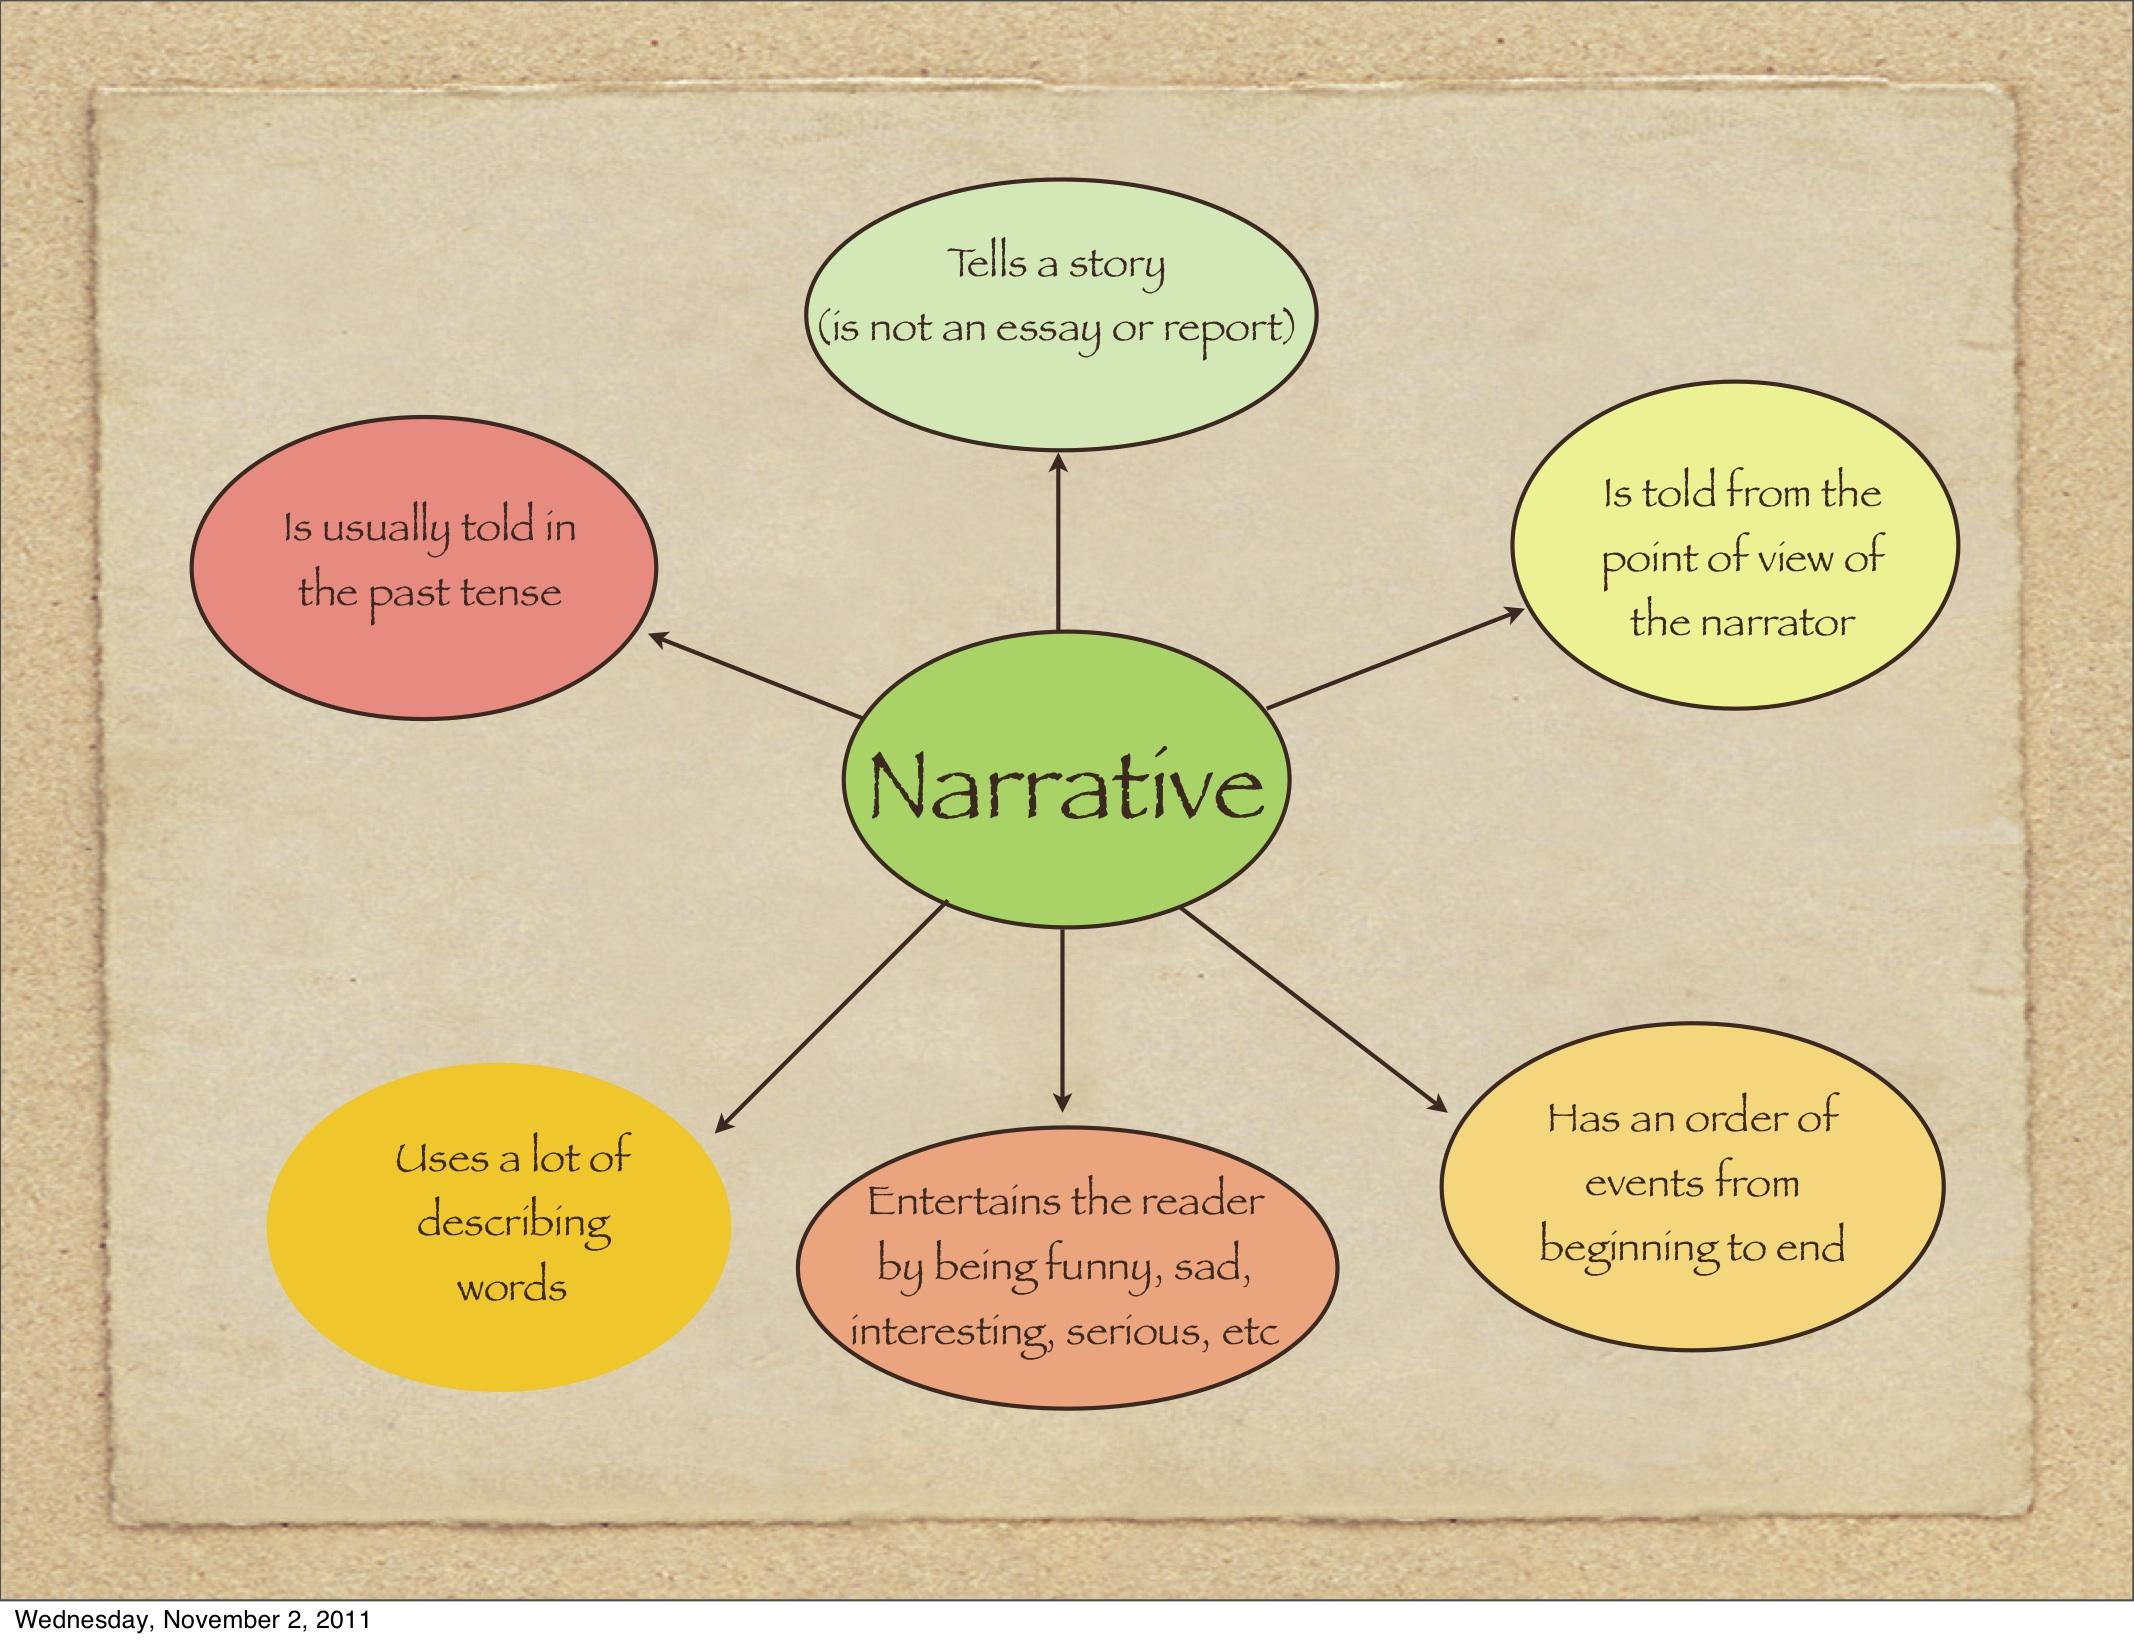 Qualities of a good narrative essay